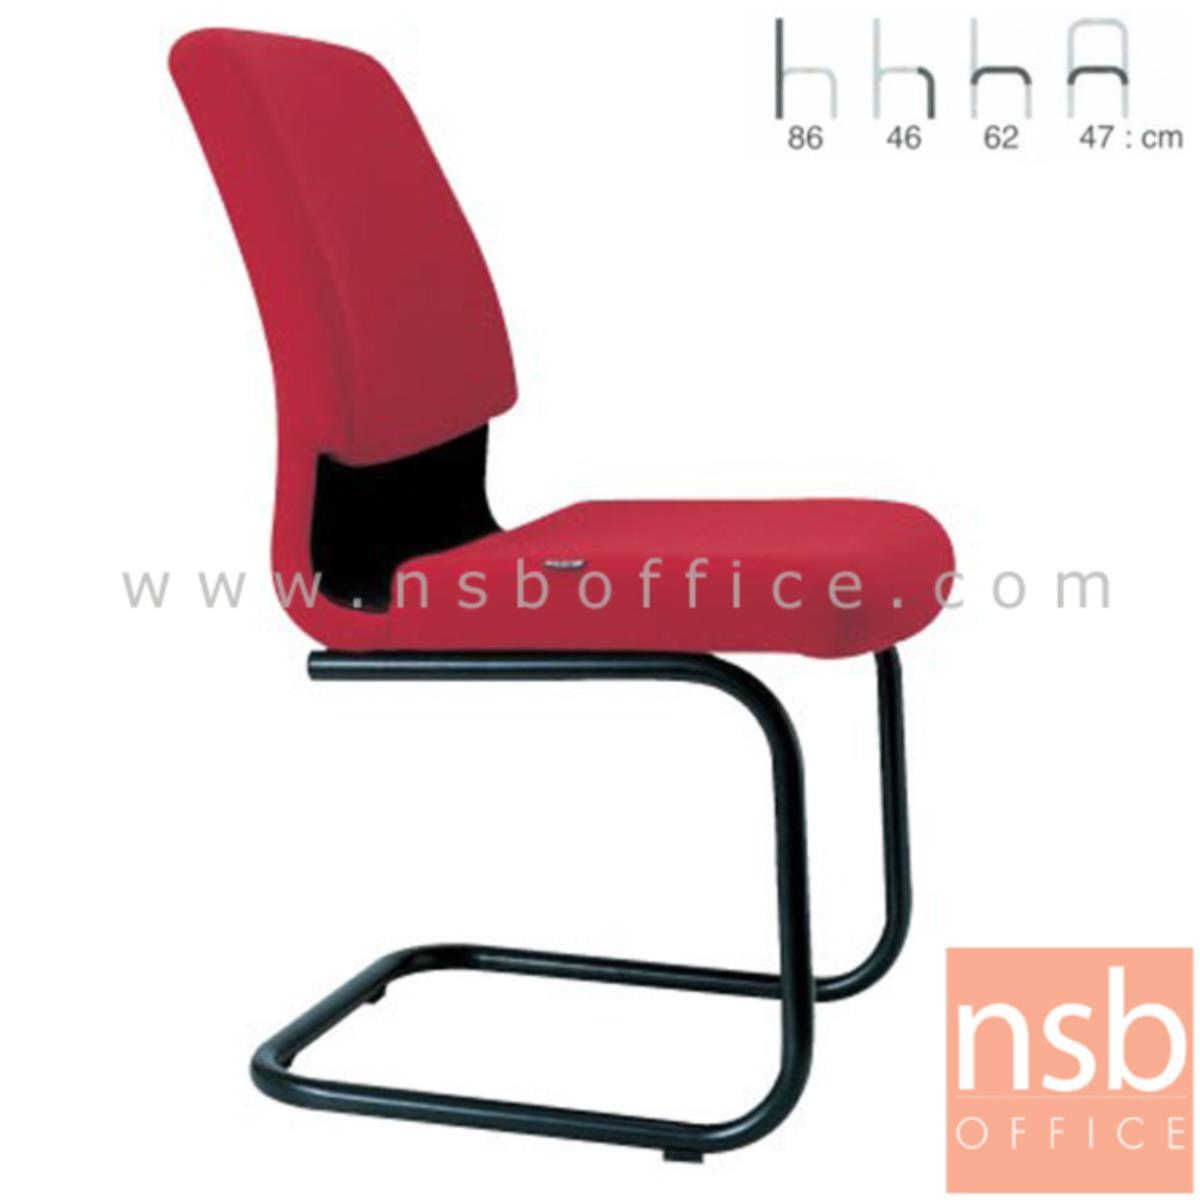 เก้าอี้รับแขกขาตัวซี รุ่น Harvard (ฮาร์เวิร์ด)  ขาเหล็กพ่นดำ